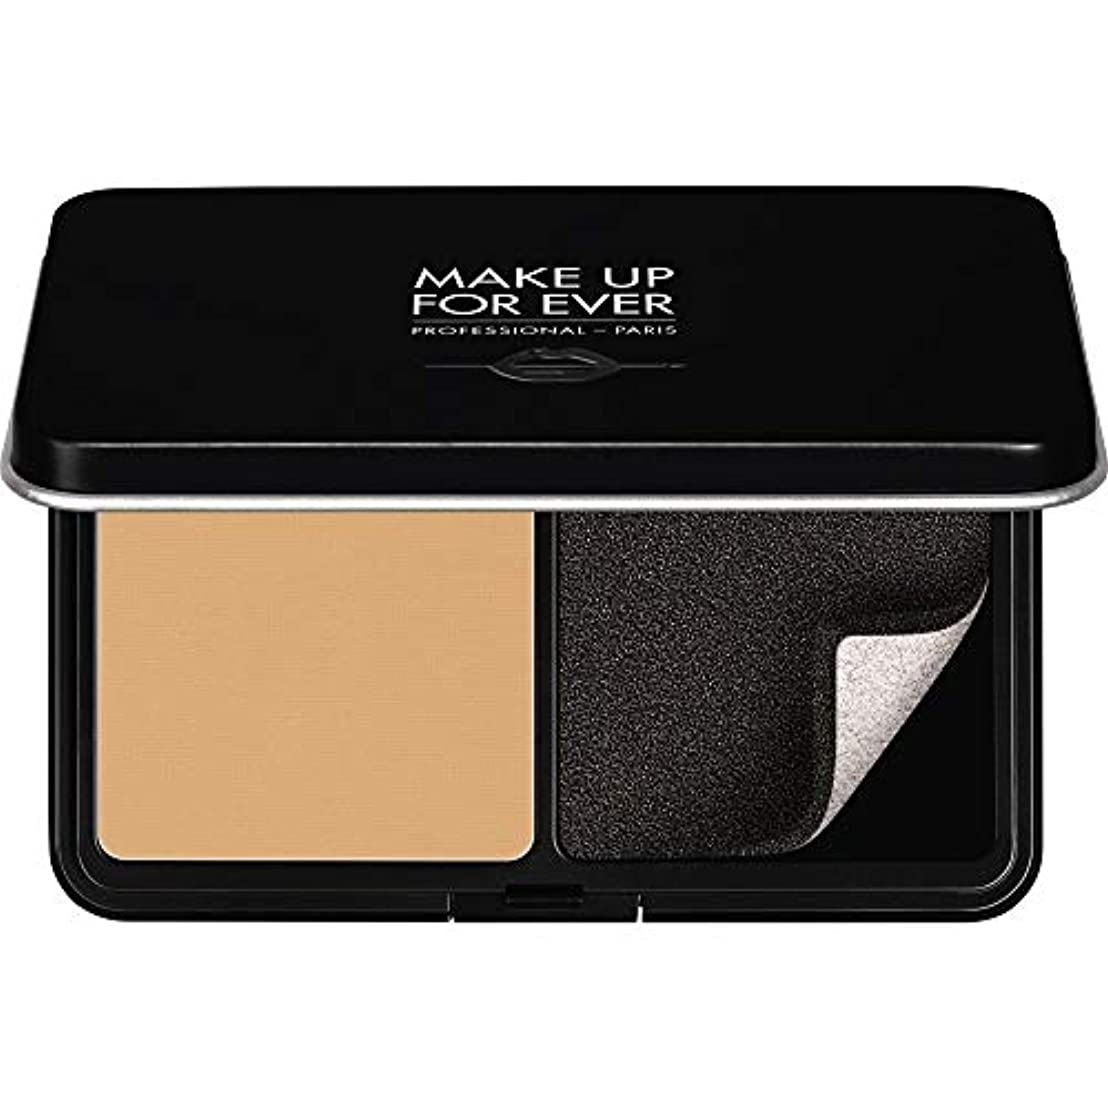 促進する逆説閃光[MAKE UP FOR EVER ] 柔らかい砂 - パウダーファンデーション11GののY245をぼかし、これまでマットベルベットの肌を補います - MAKE UP FOR EVER Matte Velvet Skin...